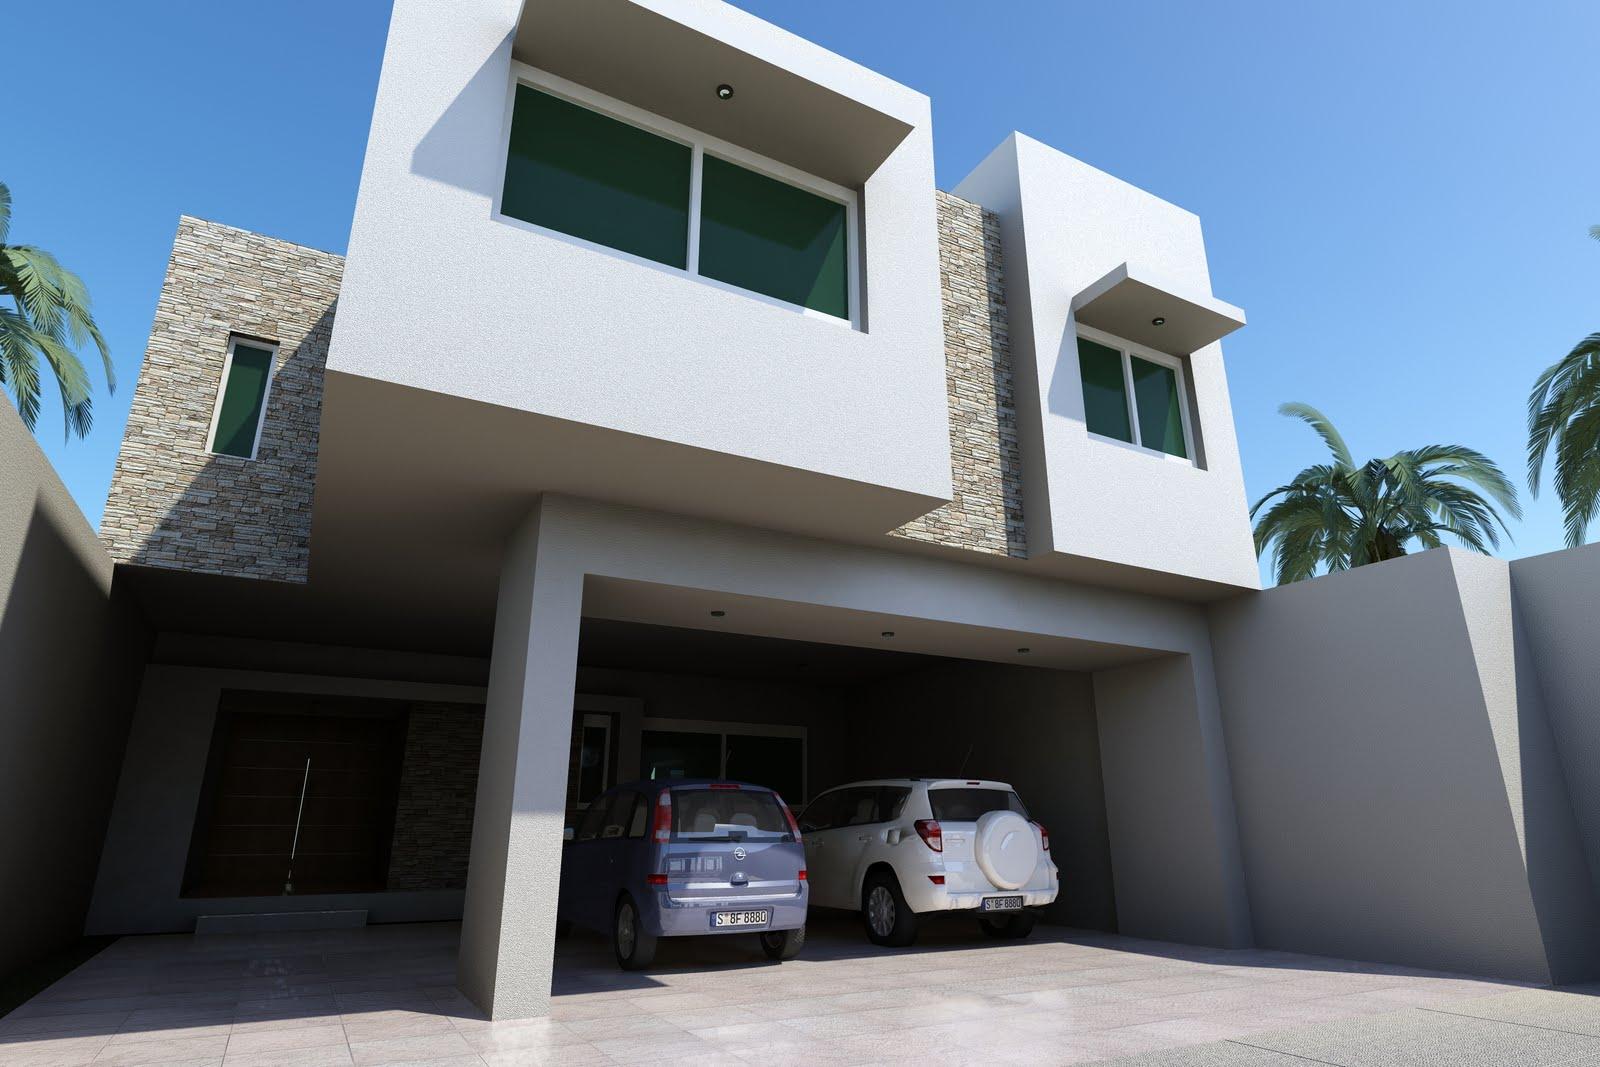 Jorge sepulveda residencia coronel for Proyecto casa habitacion minimalista